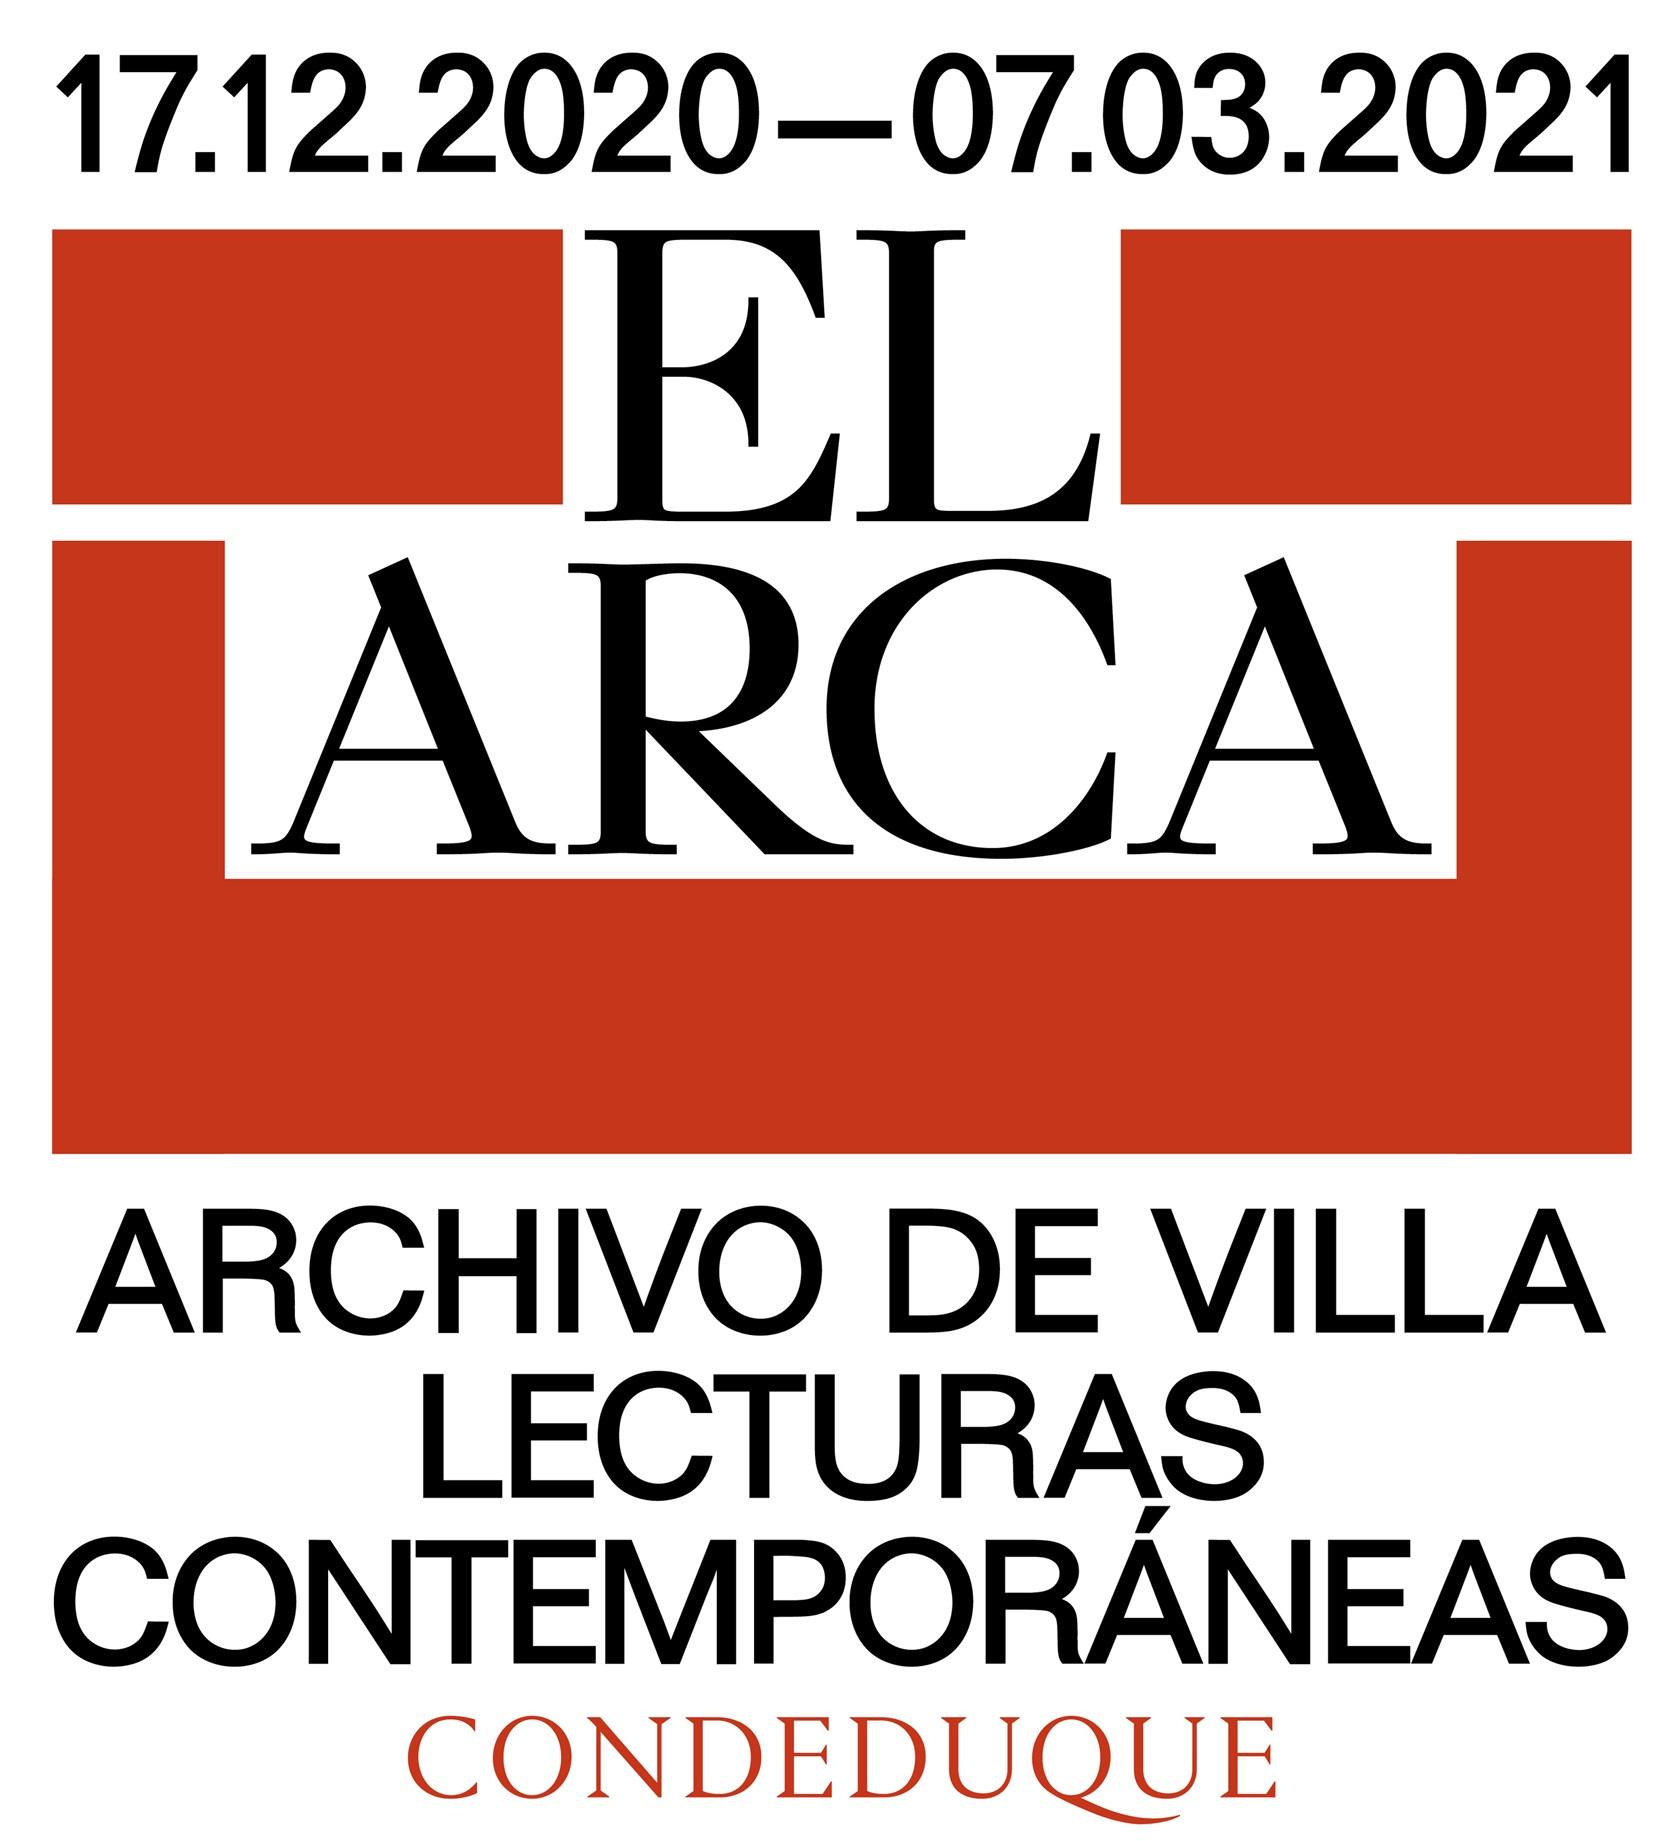 Centro de Cultura Contemporánea Conde Duque, Exposiciones, El Arca